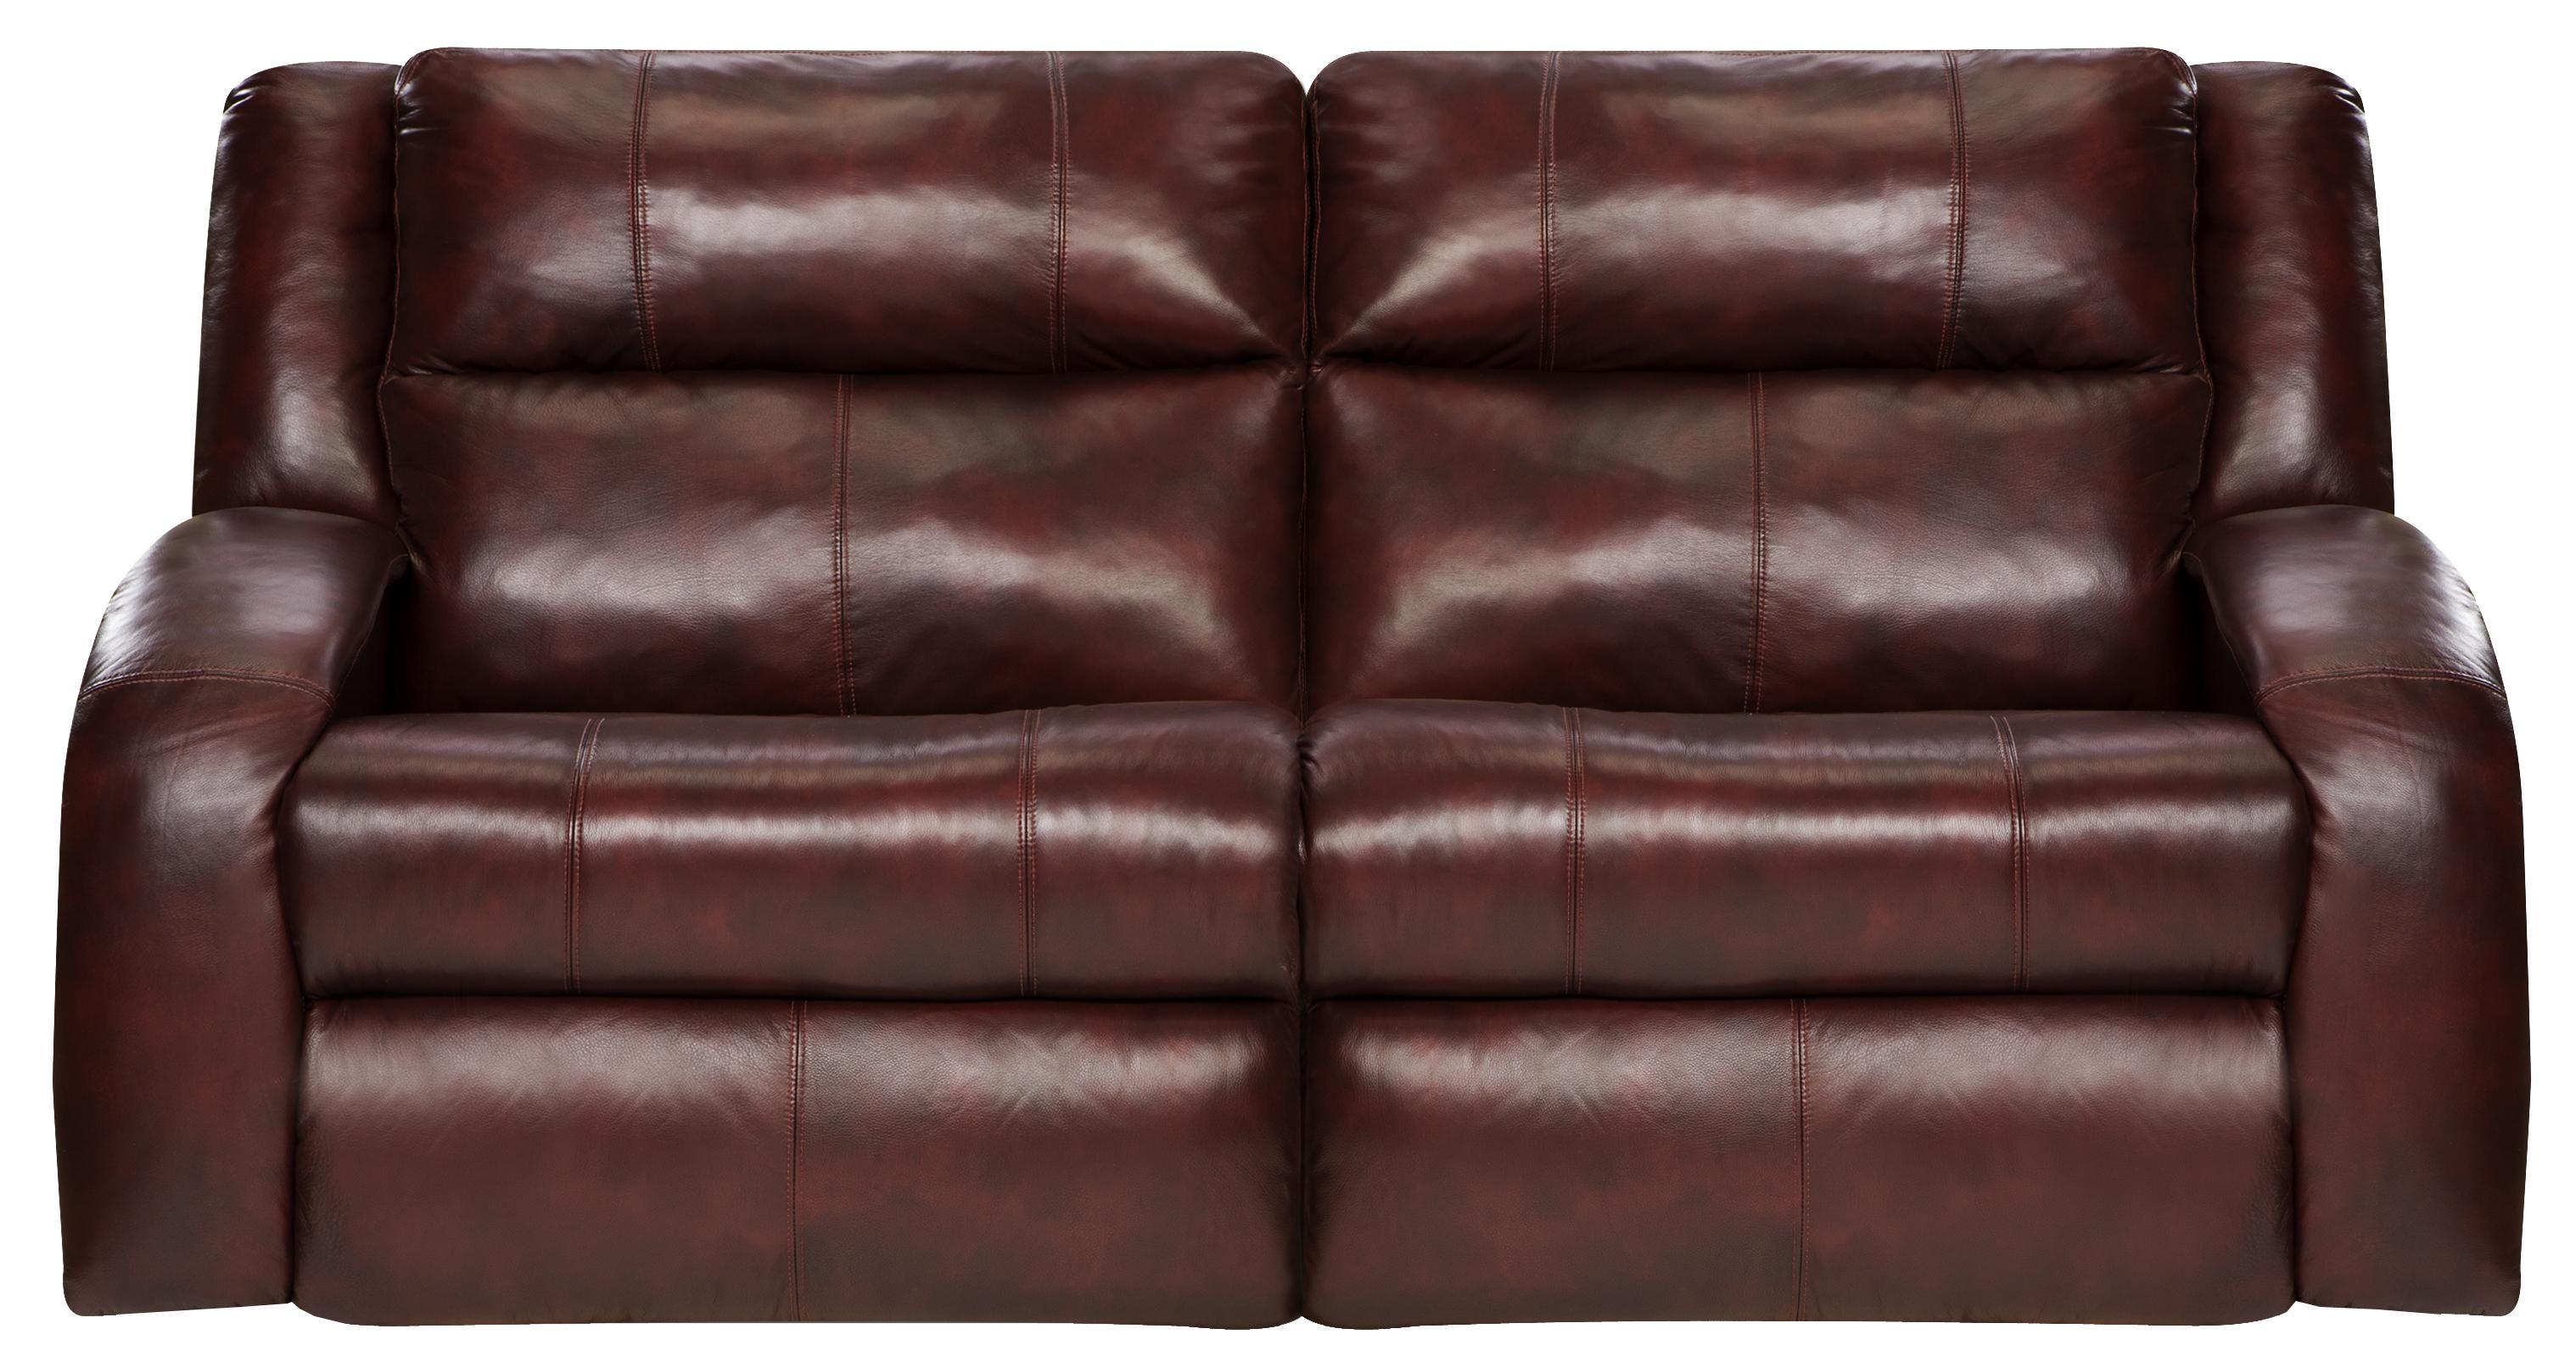 Strange Maverick Layflat Reclining Sofa Inzonedesignstudio Interior Chair Design Inzonedesignstudiocom